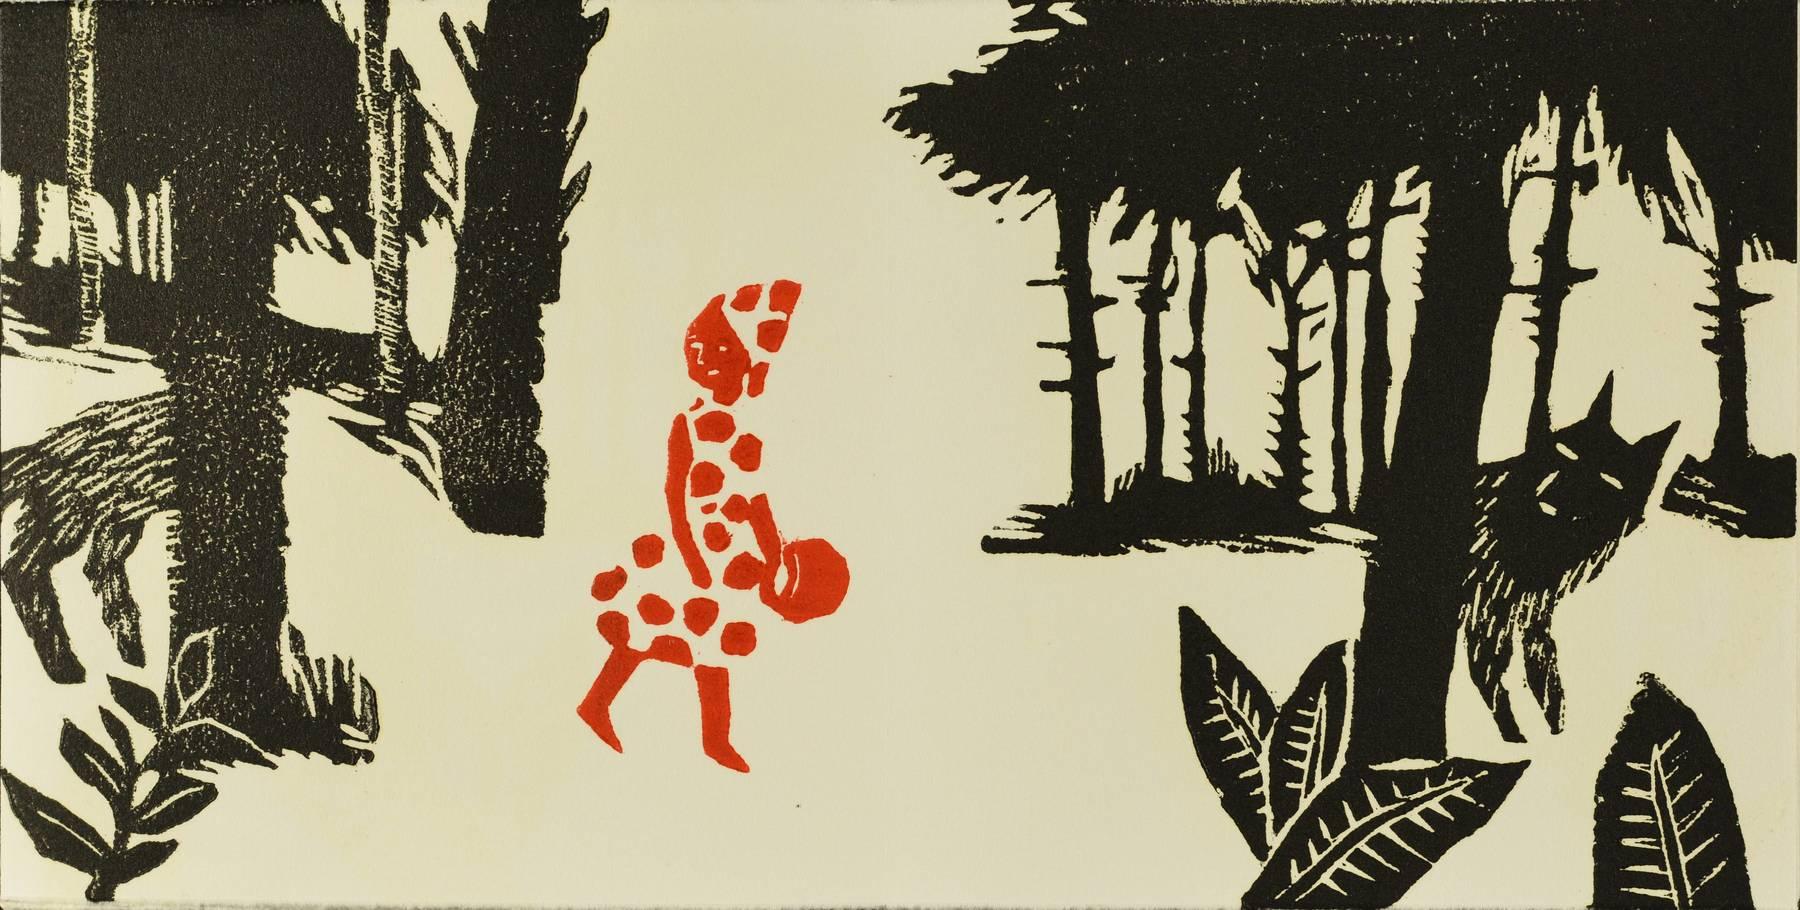 Contenu du Livre d'artiste - Le Petit Chaperon rouge rencontre compère  le loup